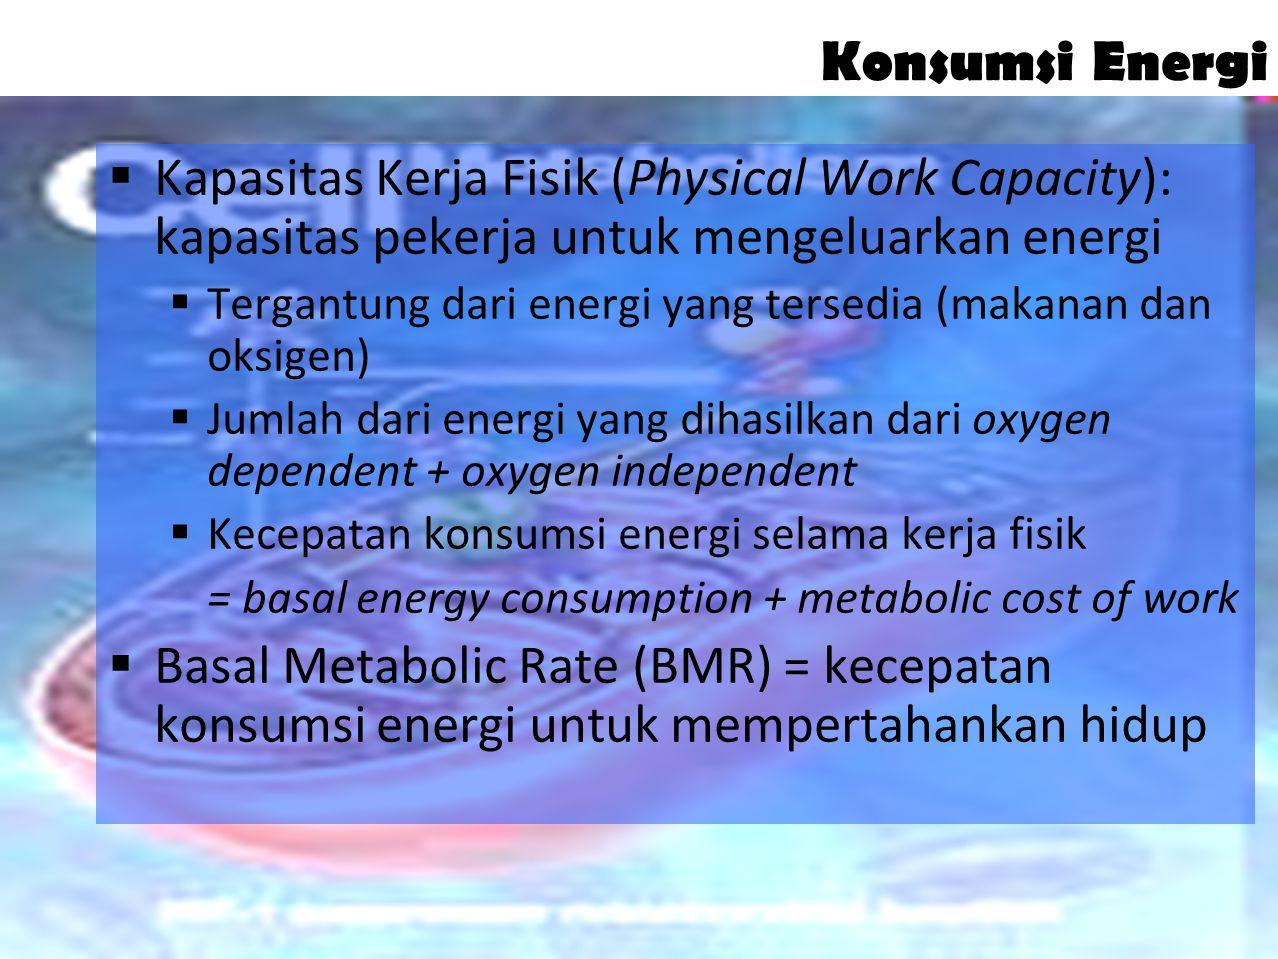 13 Pengukuran Kerja Fisik  Konsep Horse Power (foot-pounds of work per minute) oleh Taylor (tidak memuaskan)  Tingkat konsumsi energi untuk mengukur pengeluaran energi  Perubahan tingkat kerja jantung dan konsumsi oksigen (metode baru)